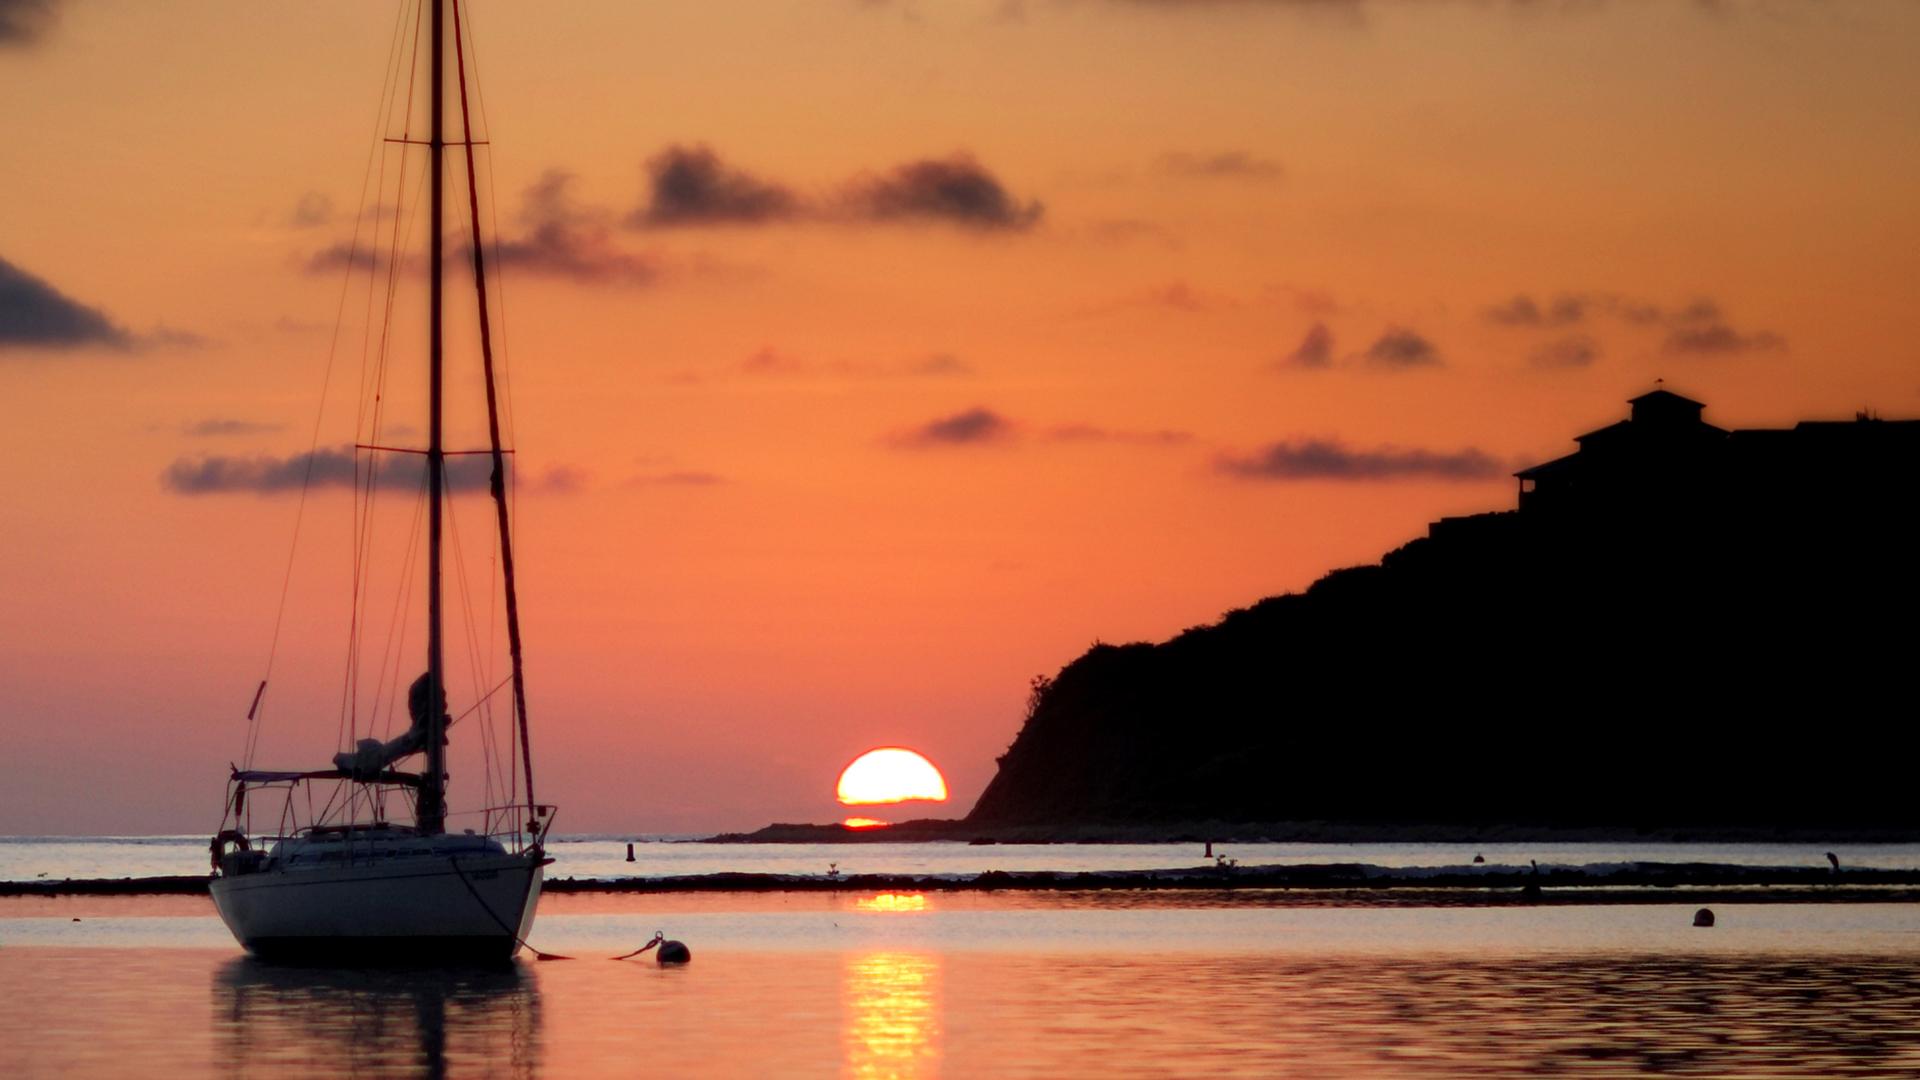 Sunrise in Maya Cove